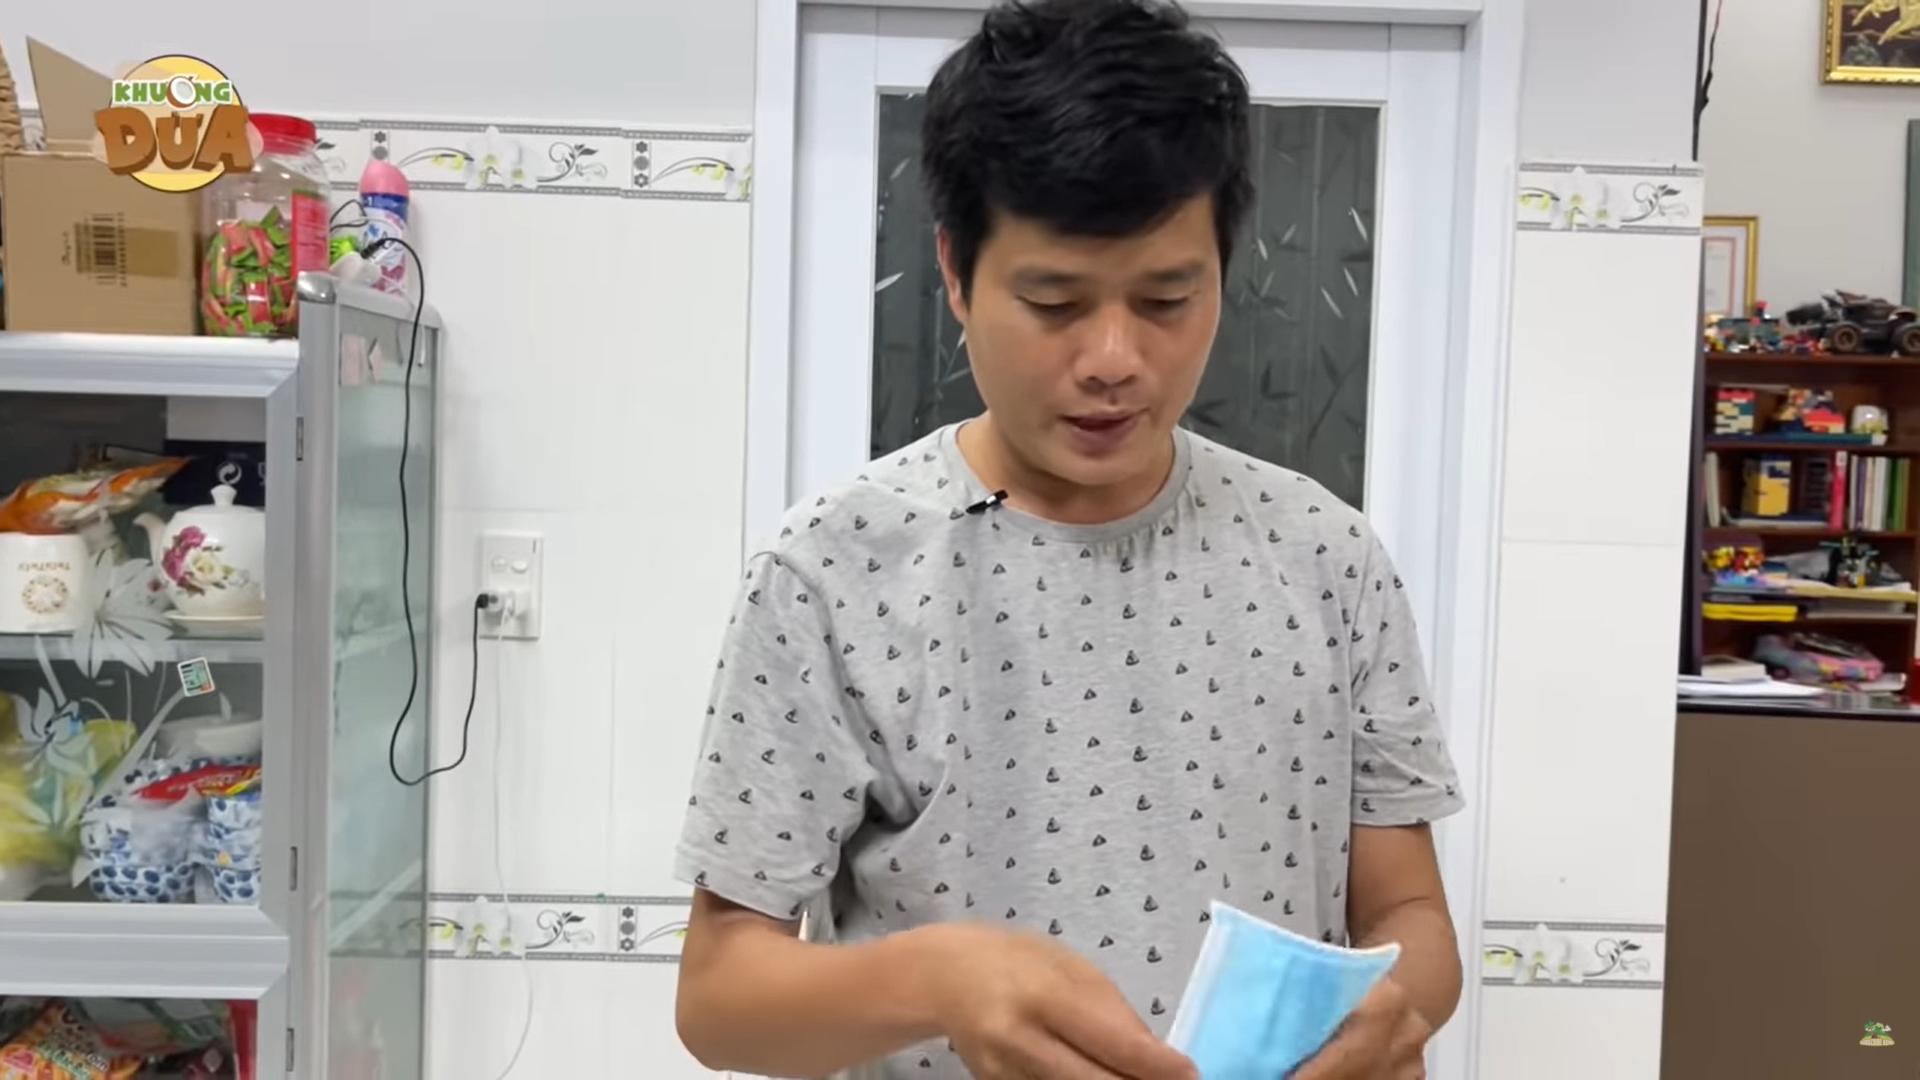 Phó giám đốc Điền Quân Khương Dừa bị lừa khi từ thiện: Người ta còn chửi, hăm dọa các kiểu-1